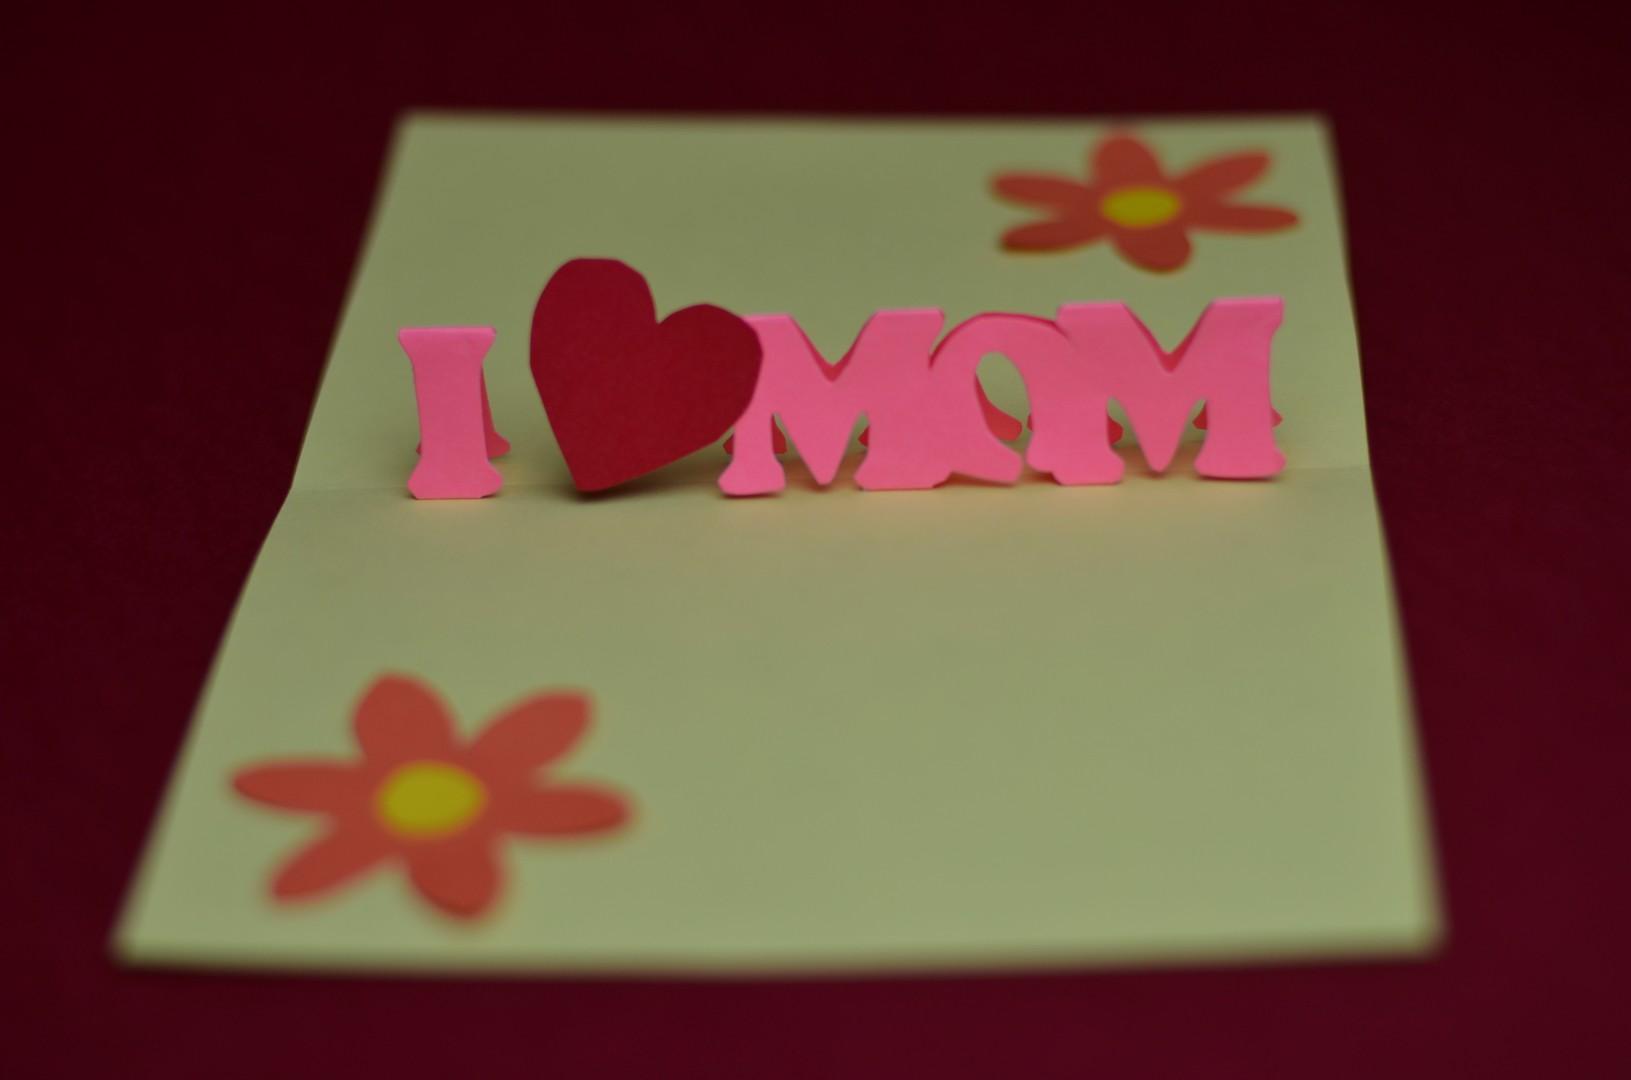 روز مادر 94-روز زن 94-روز زن 2015-روز مادر 2015-ولادت حضرت زهرا 94-ولادت حضرت فاطمه-پیامک روز زن 94-اس ام اس روز زن 94-پیامک روز مادر سال 94-اس ام اس روز مادر سال 94-متن روز زن-متن های زیبای روز زن 94-بهترین اس ام اس های روز زن 94-جدیدترین sms های روز زن 94-تبریک-تبریک روز مادر 94-متن تبریک روز مادر 94-متن های زیبای تبریک روز مادر-بهترین پیام تبریک روز زن و مادر-کادوی روز زن-کادوی روز مادر 94- i love mother-mother day-happy mothers day-women day